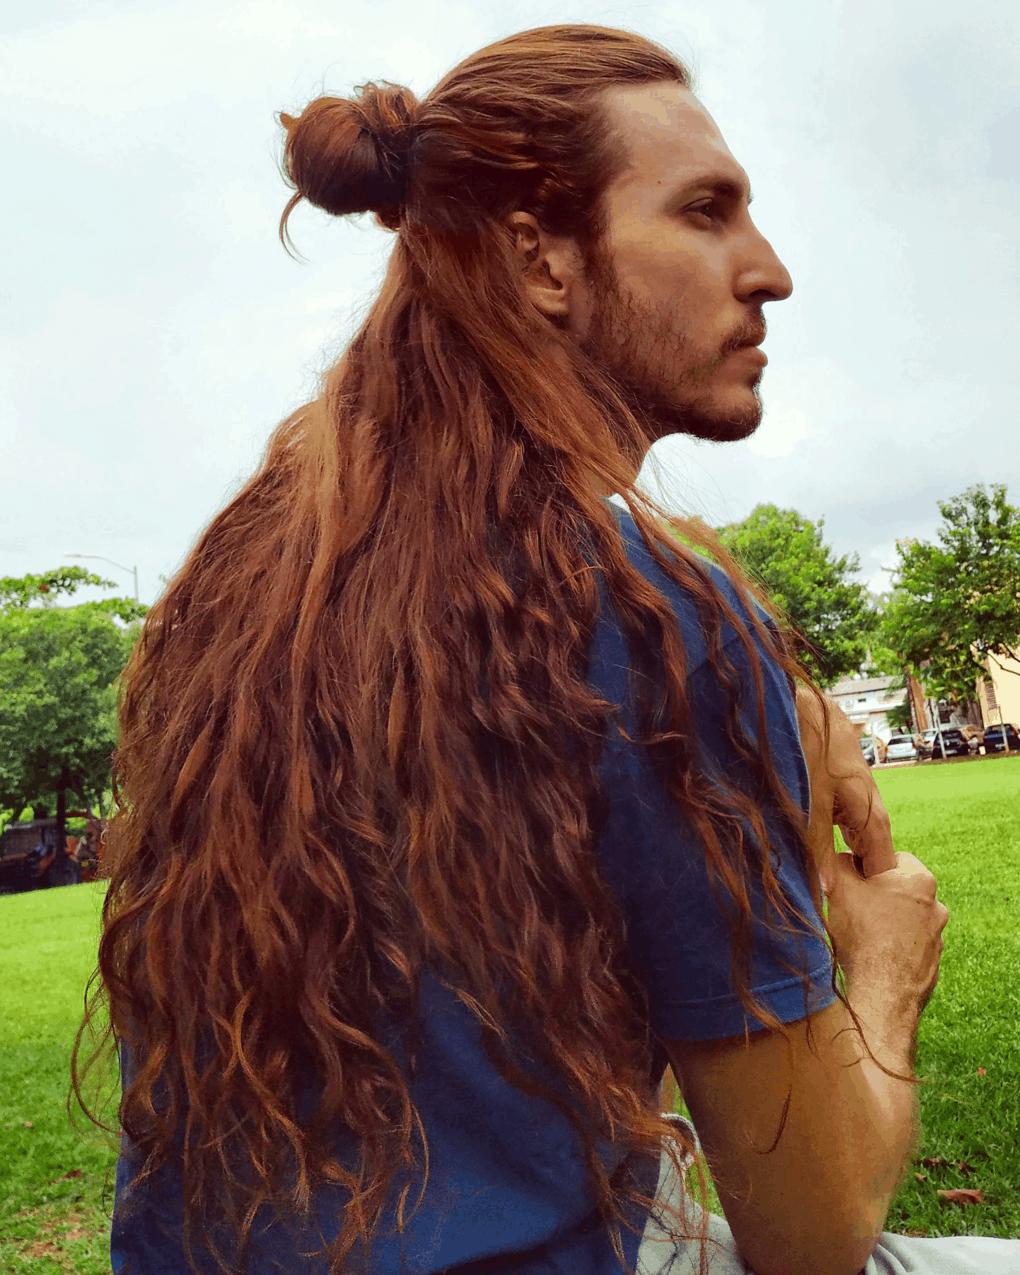 dsafsgdhfjg - Парень не побоялся критики и отрастил копну волос — теперь его принимают за знаменитость и принцессу